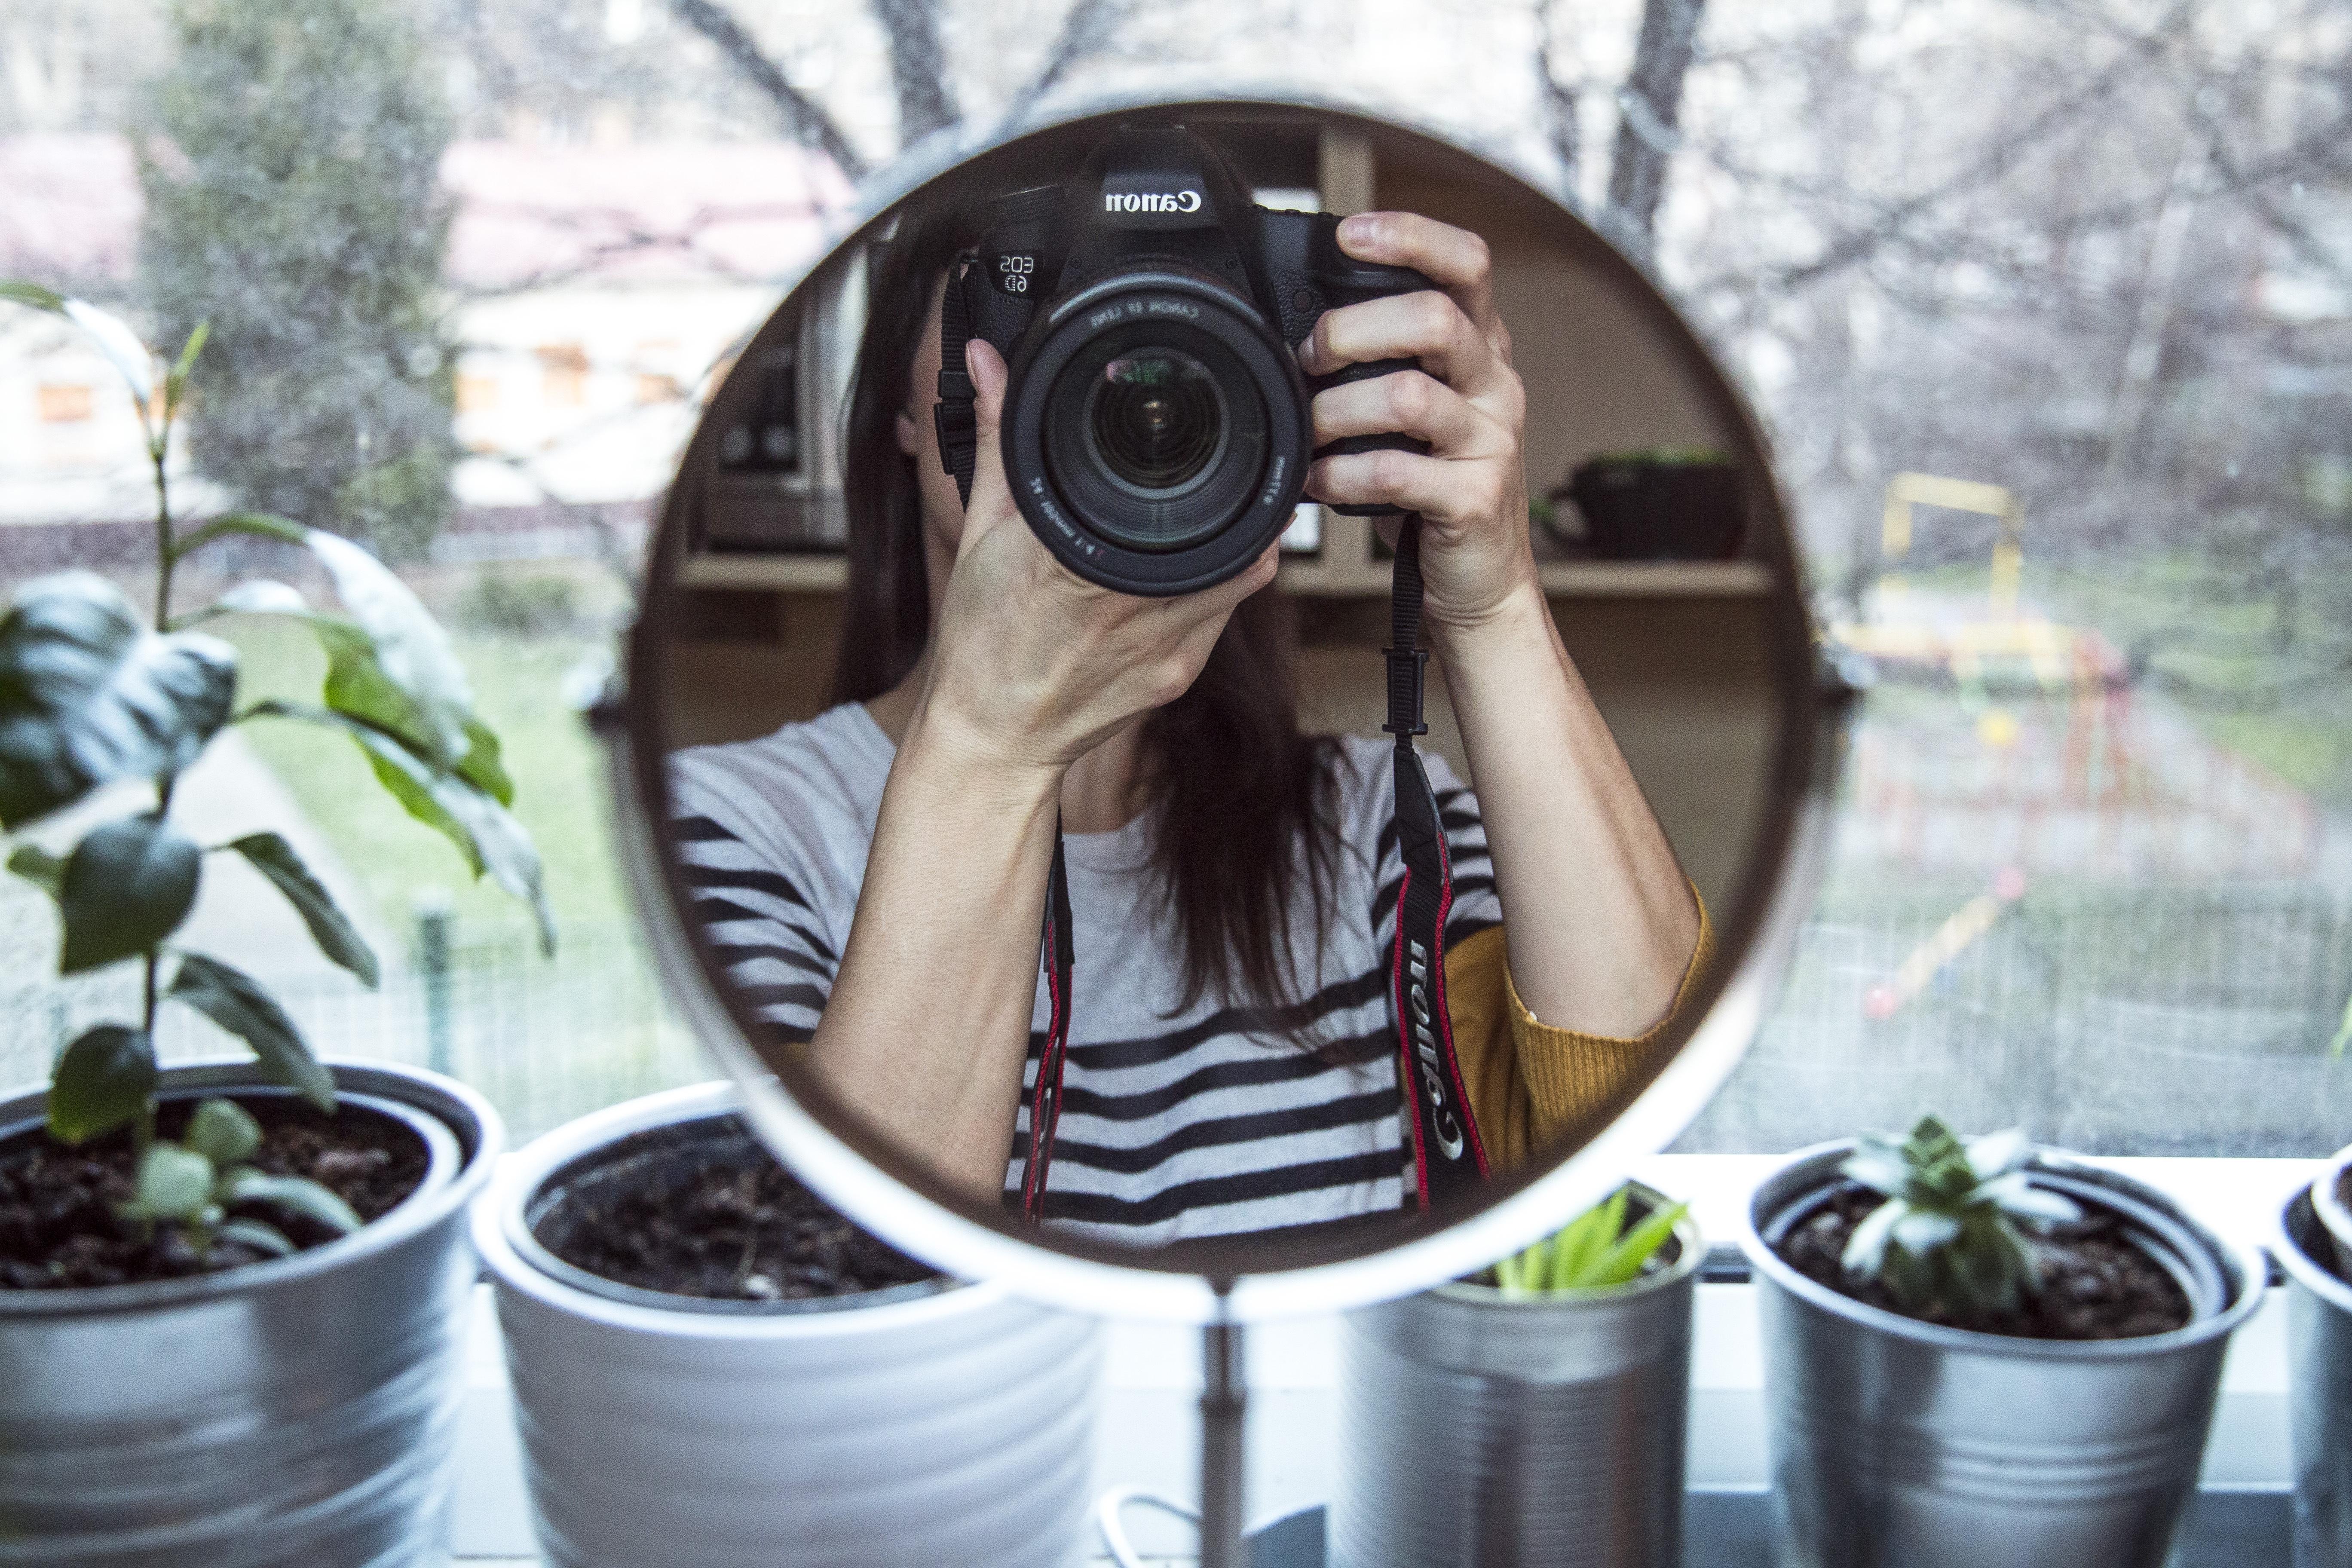 этим сфотографировать в зеркале без камеры шипы можно обнаружить